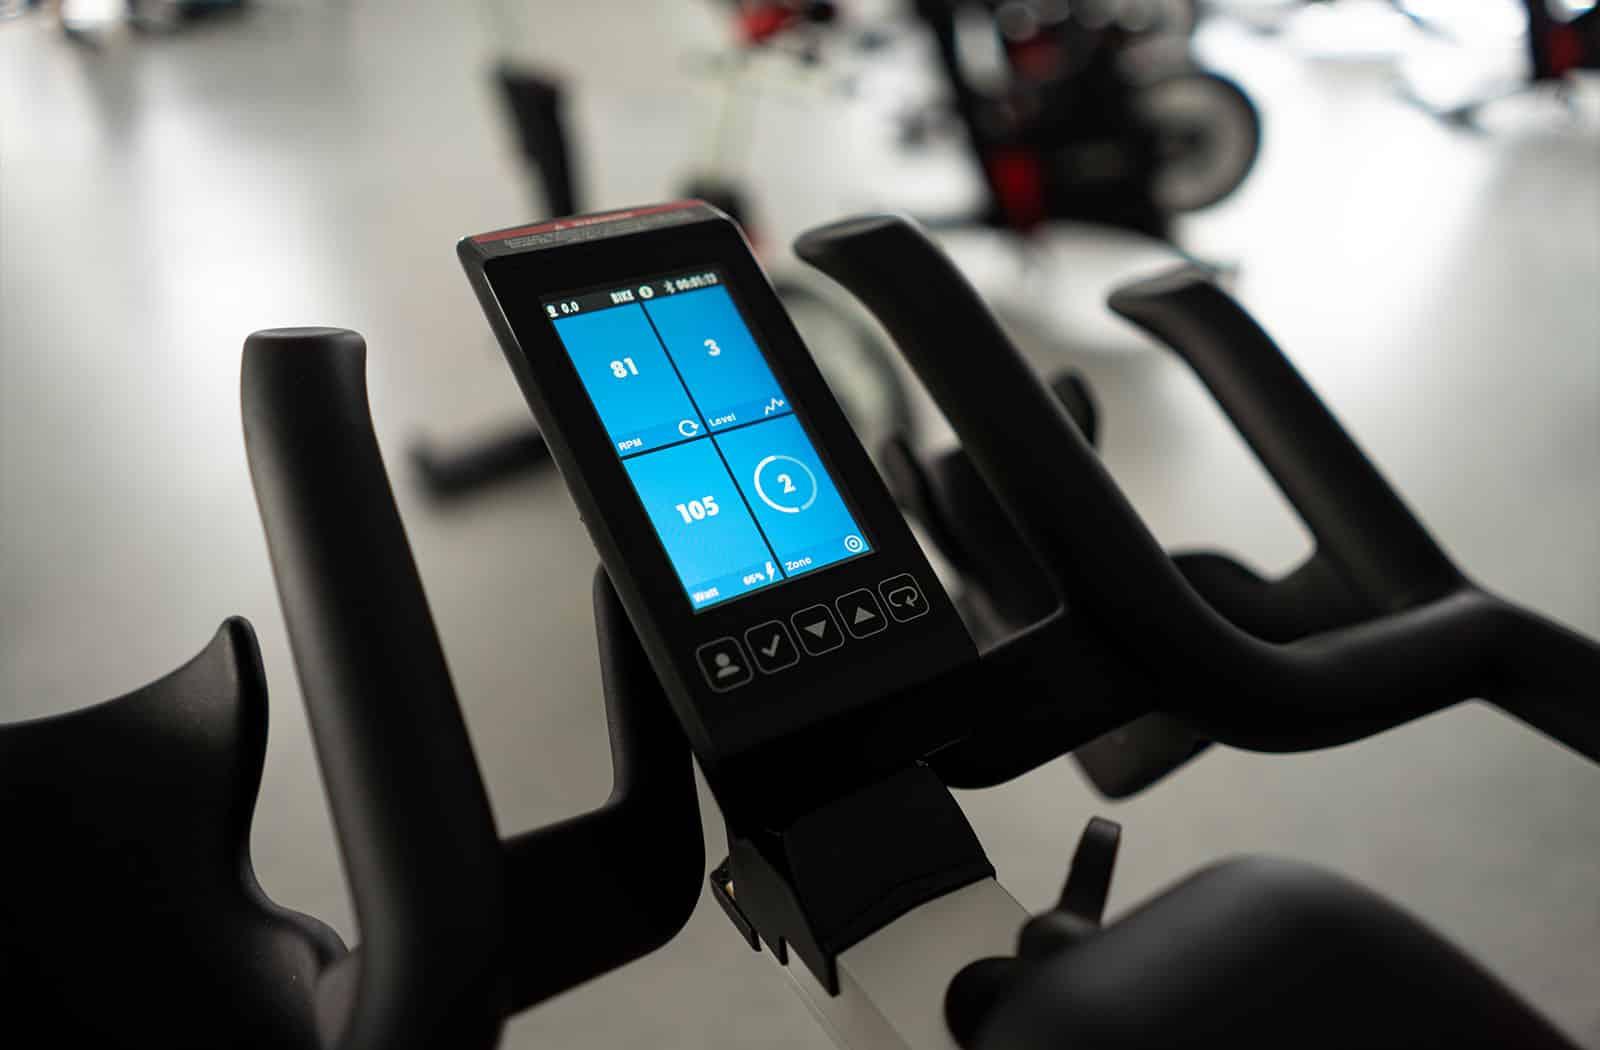 Die Spinningräder in der Fitnesslounge sind mit digitalen Displays ausgestattet. Die farbigen Anzeigen motivieren den Sportler sein bestes zu geben.